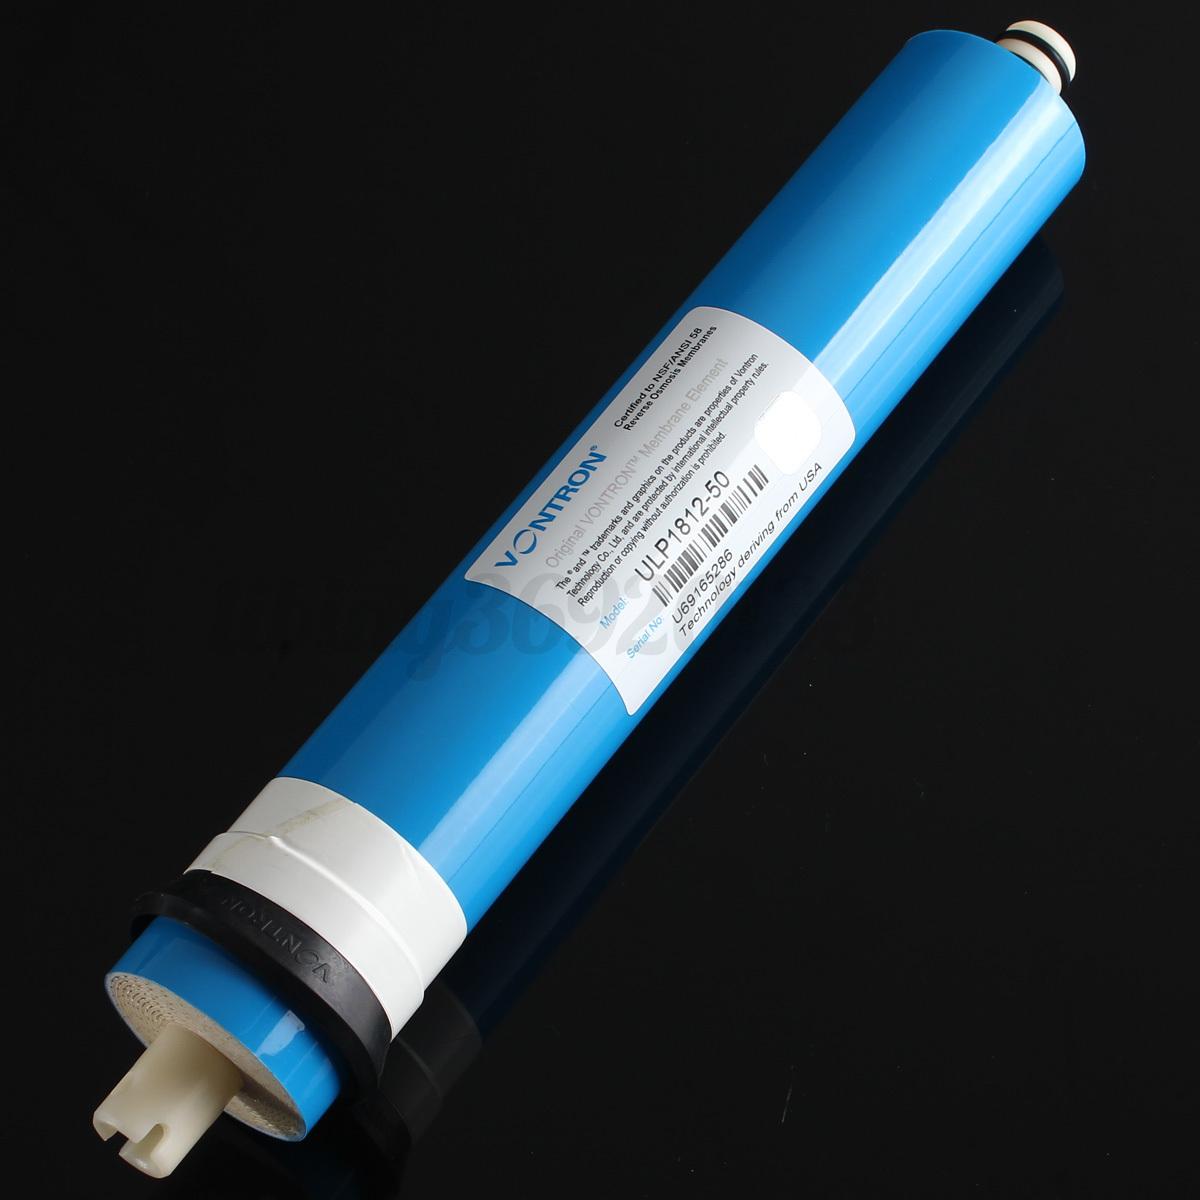 Smosis inversa membrana filtro reverse osmosis ro - Filtro de osmosis inversa ...